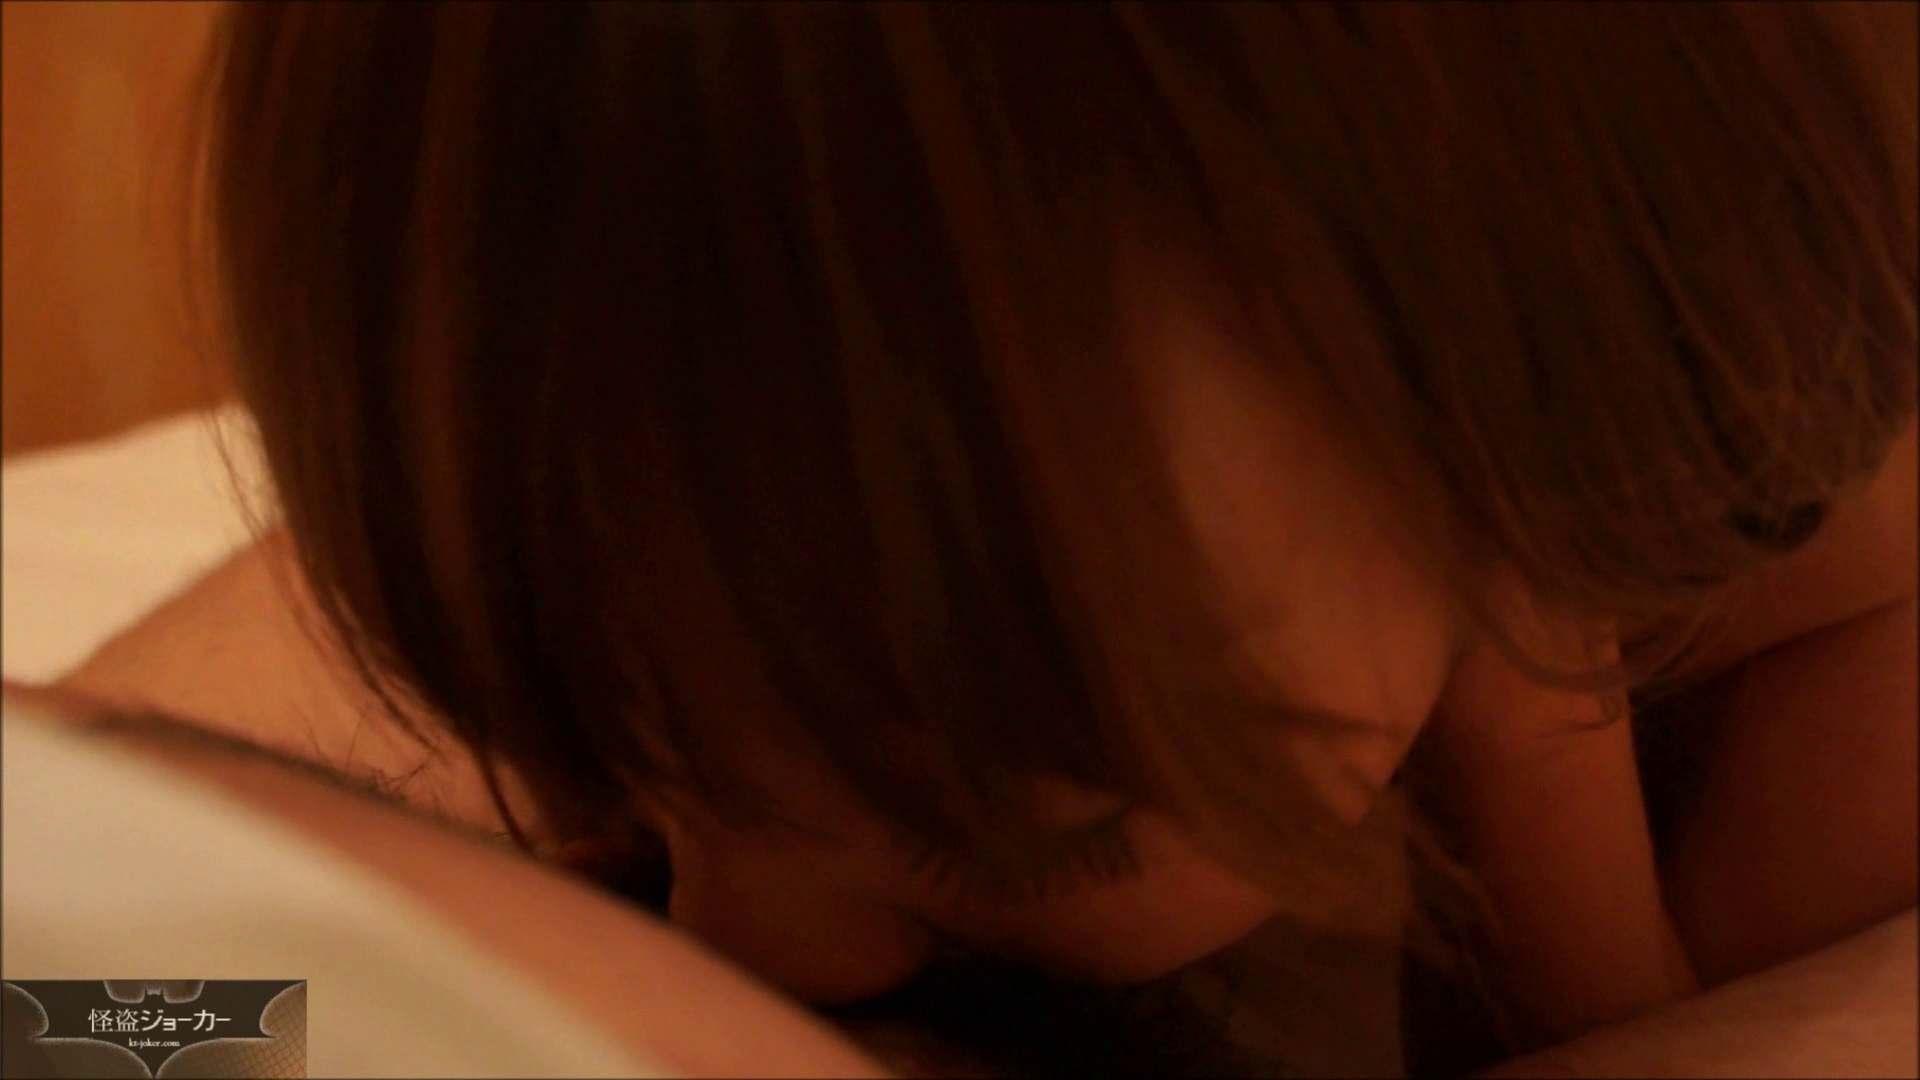 【未公開】vol.37 【援助】朋葉ちゃん、連続潮吹き・後背位で突きまくり。 ホテルでエッチ 盗撮動画紹介 103pic 42